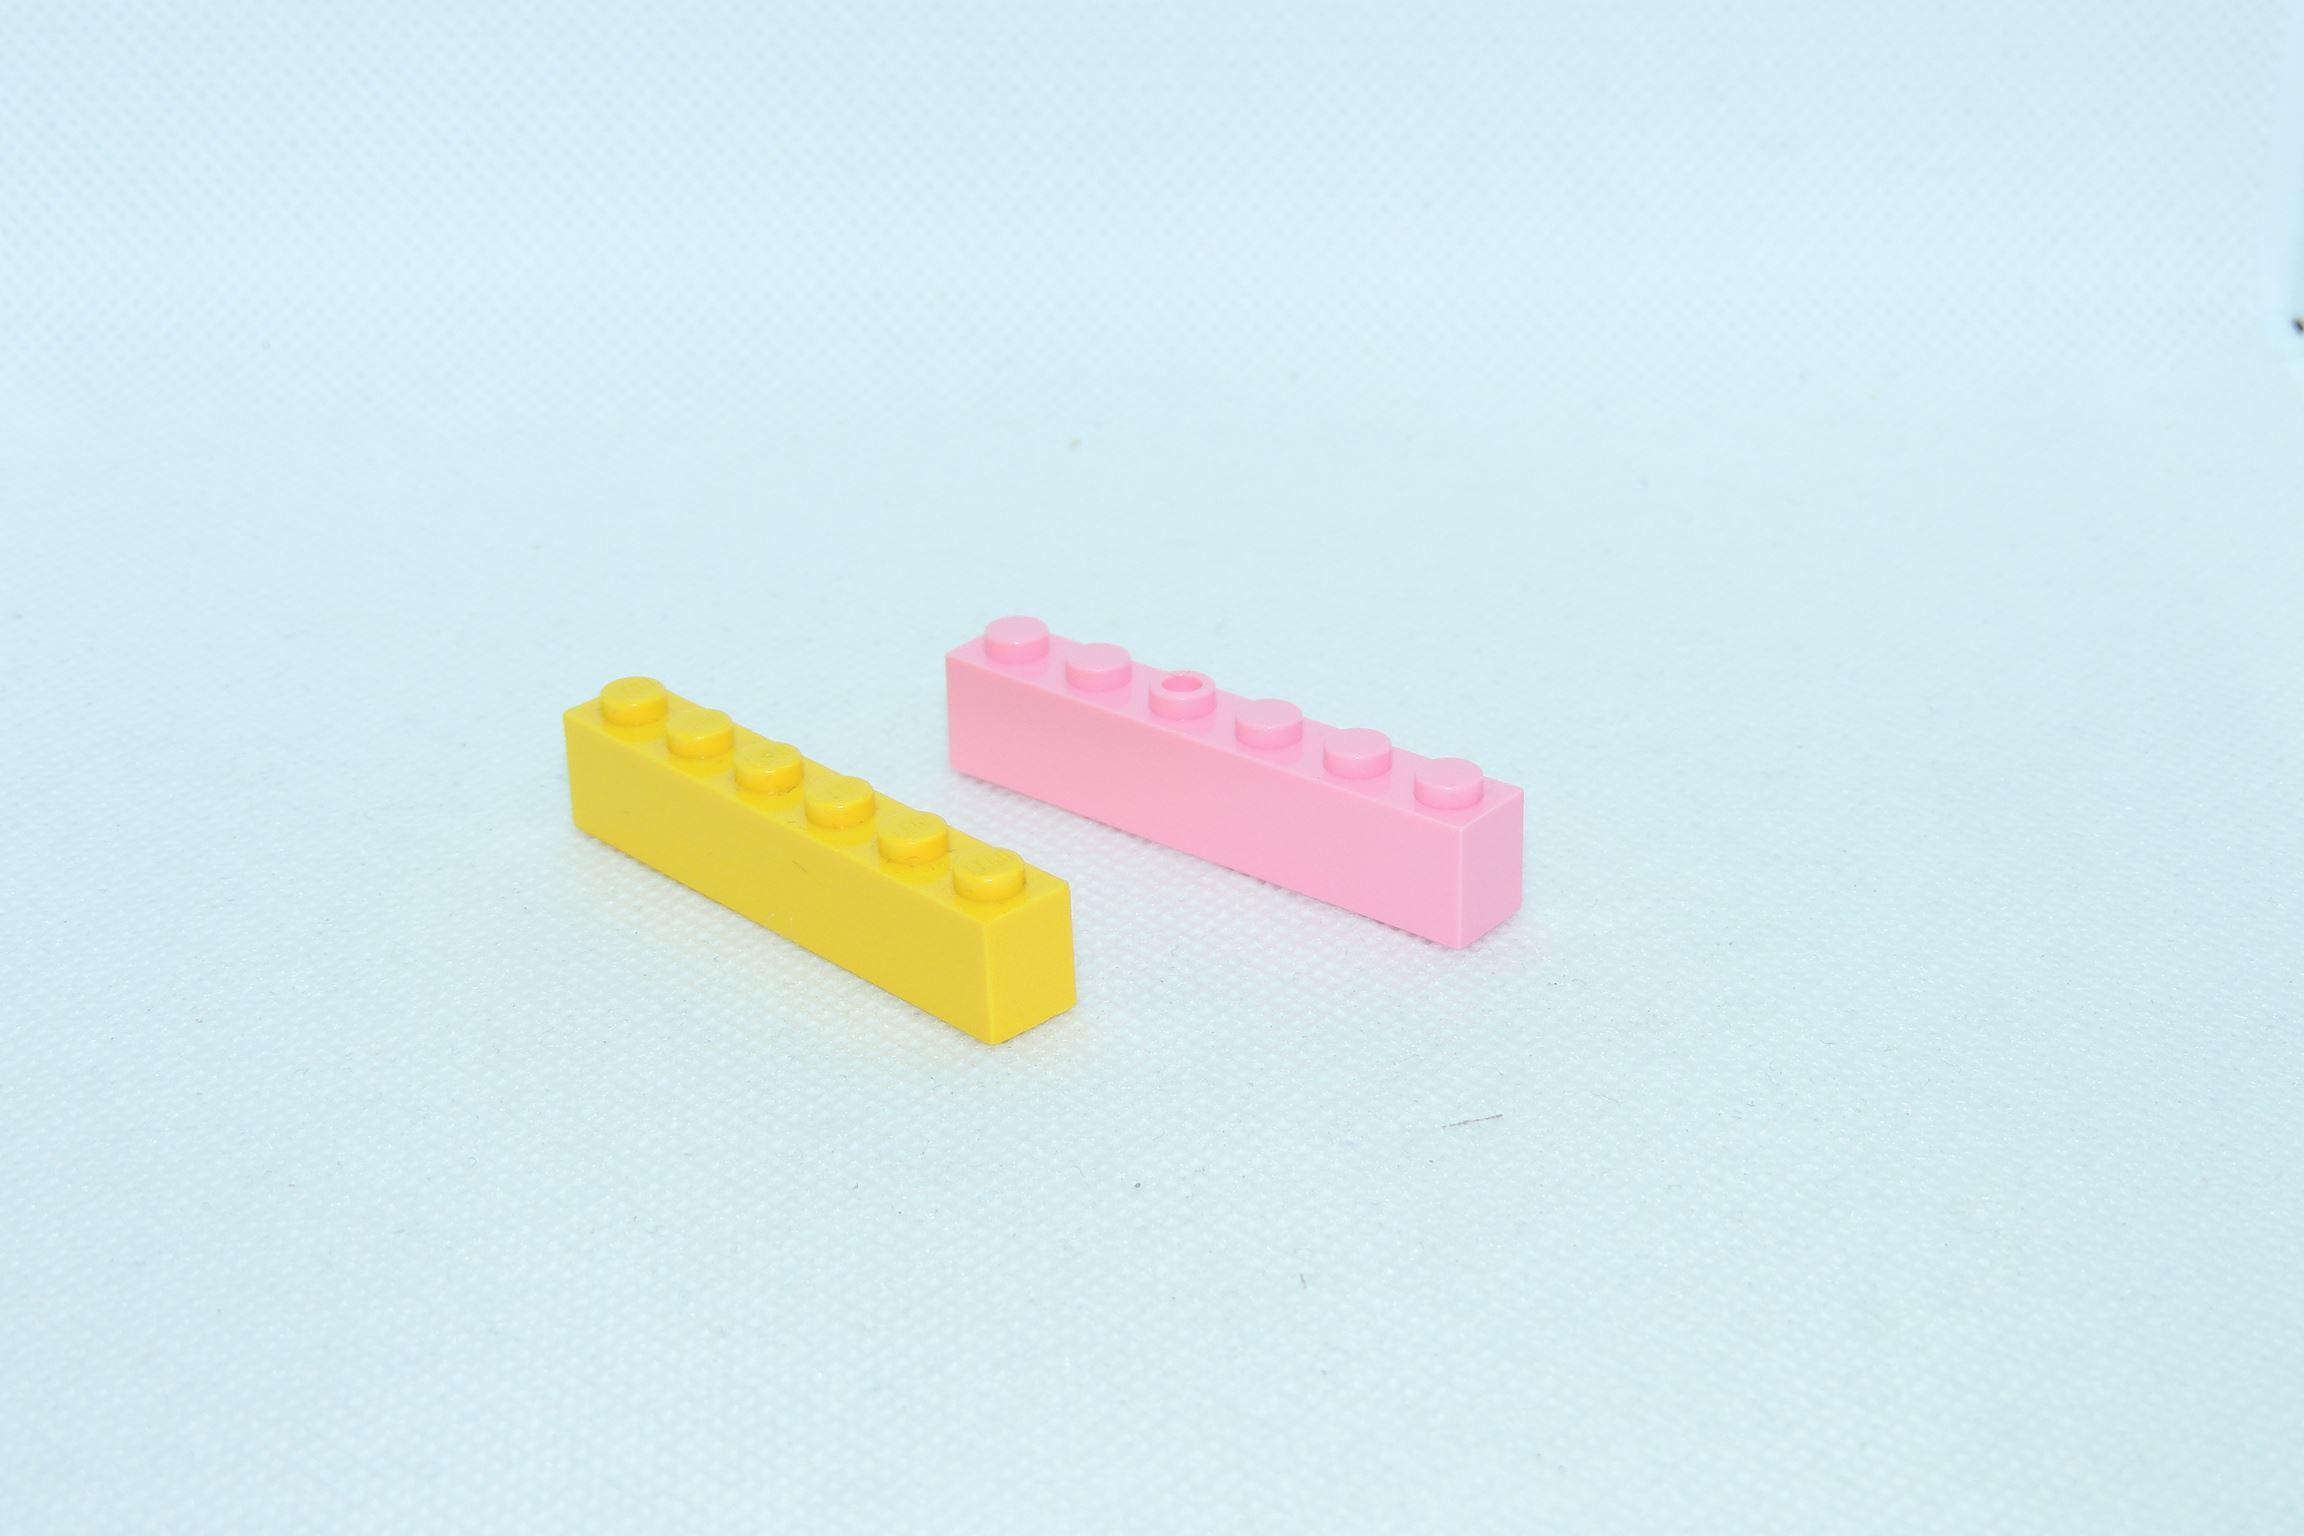 Direkter Vergleich mit einem dänischen Gegenstück, hier 1×6 Bricks.